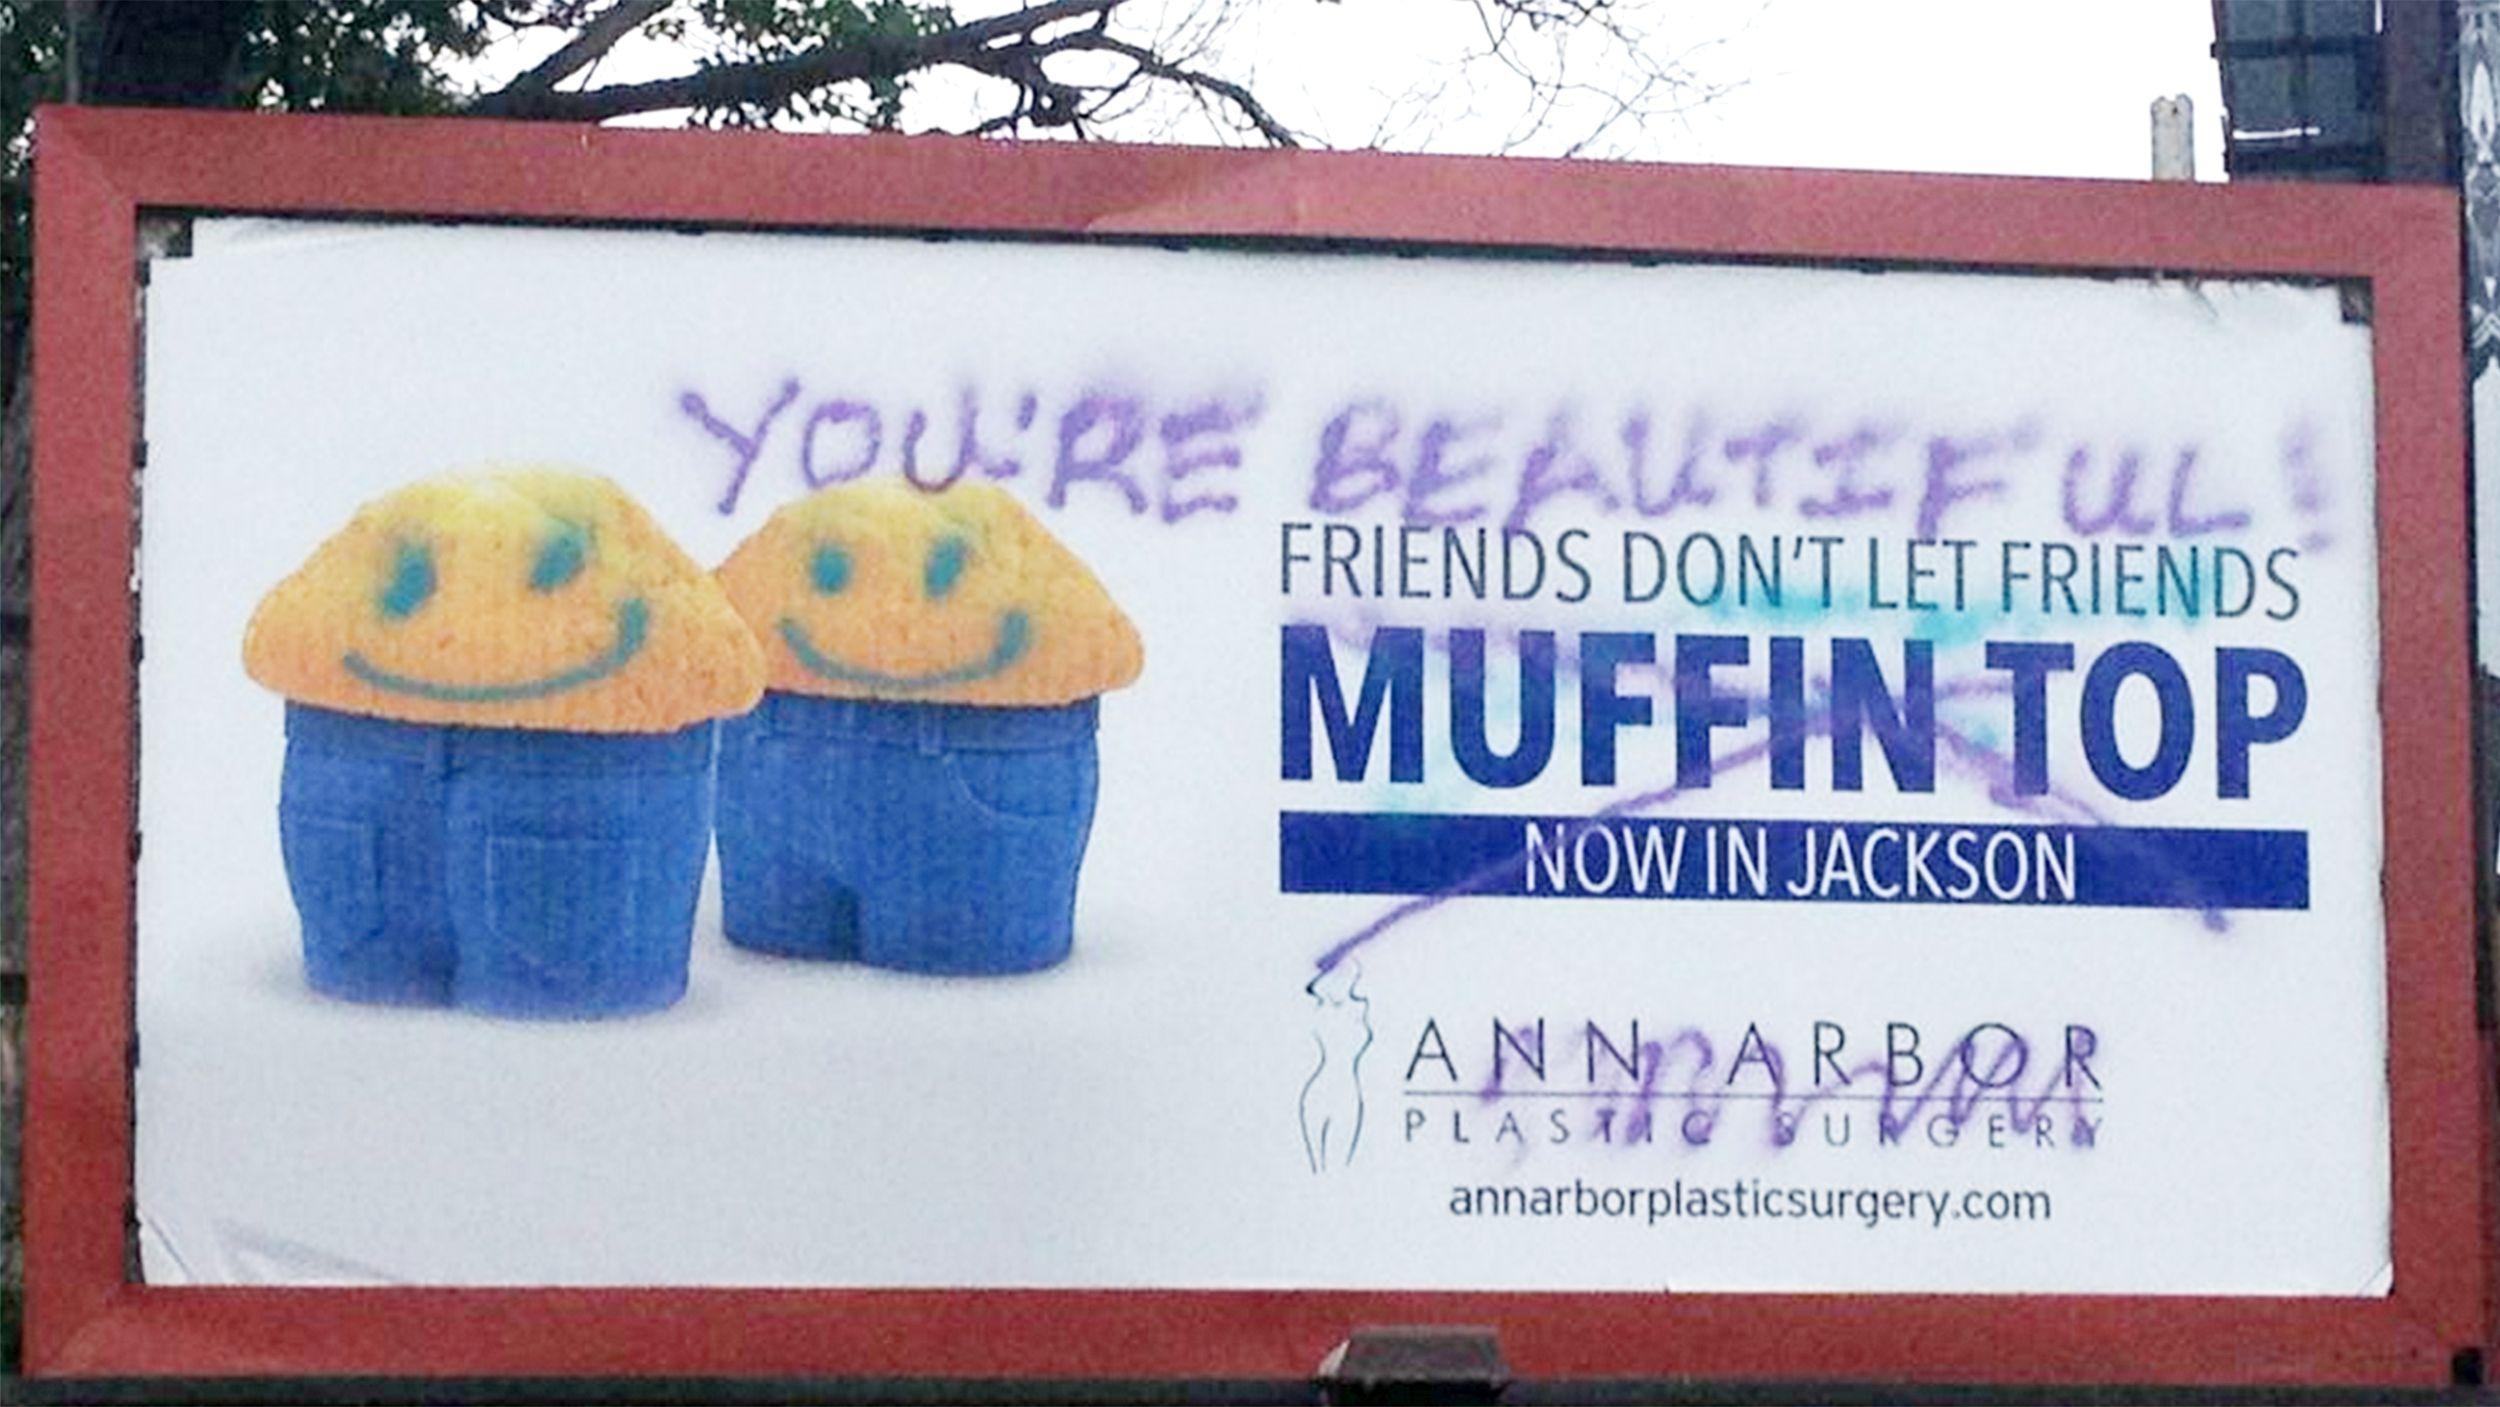 Plastic surgeon's 'muffin top' billboard gets a graffiti makeover